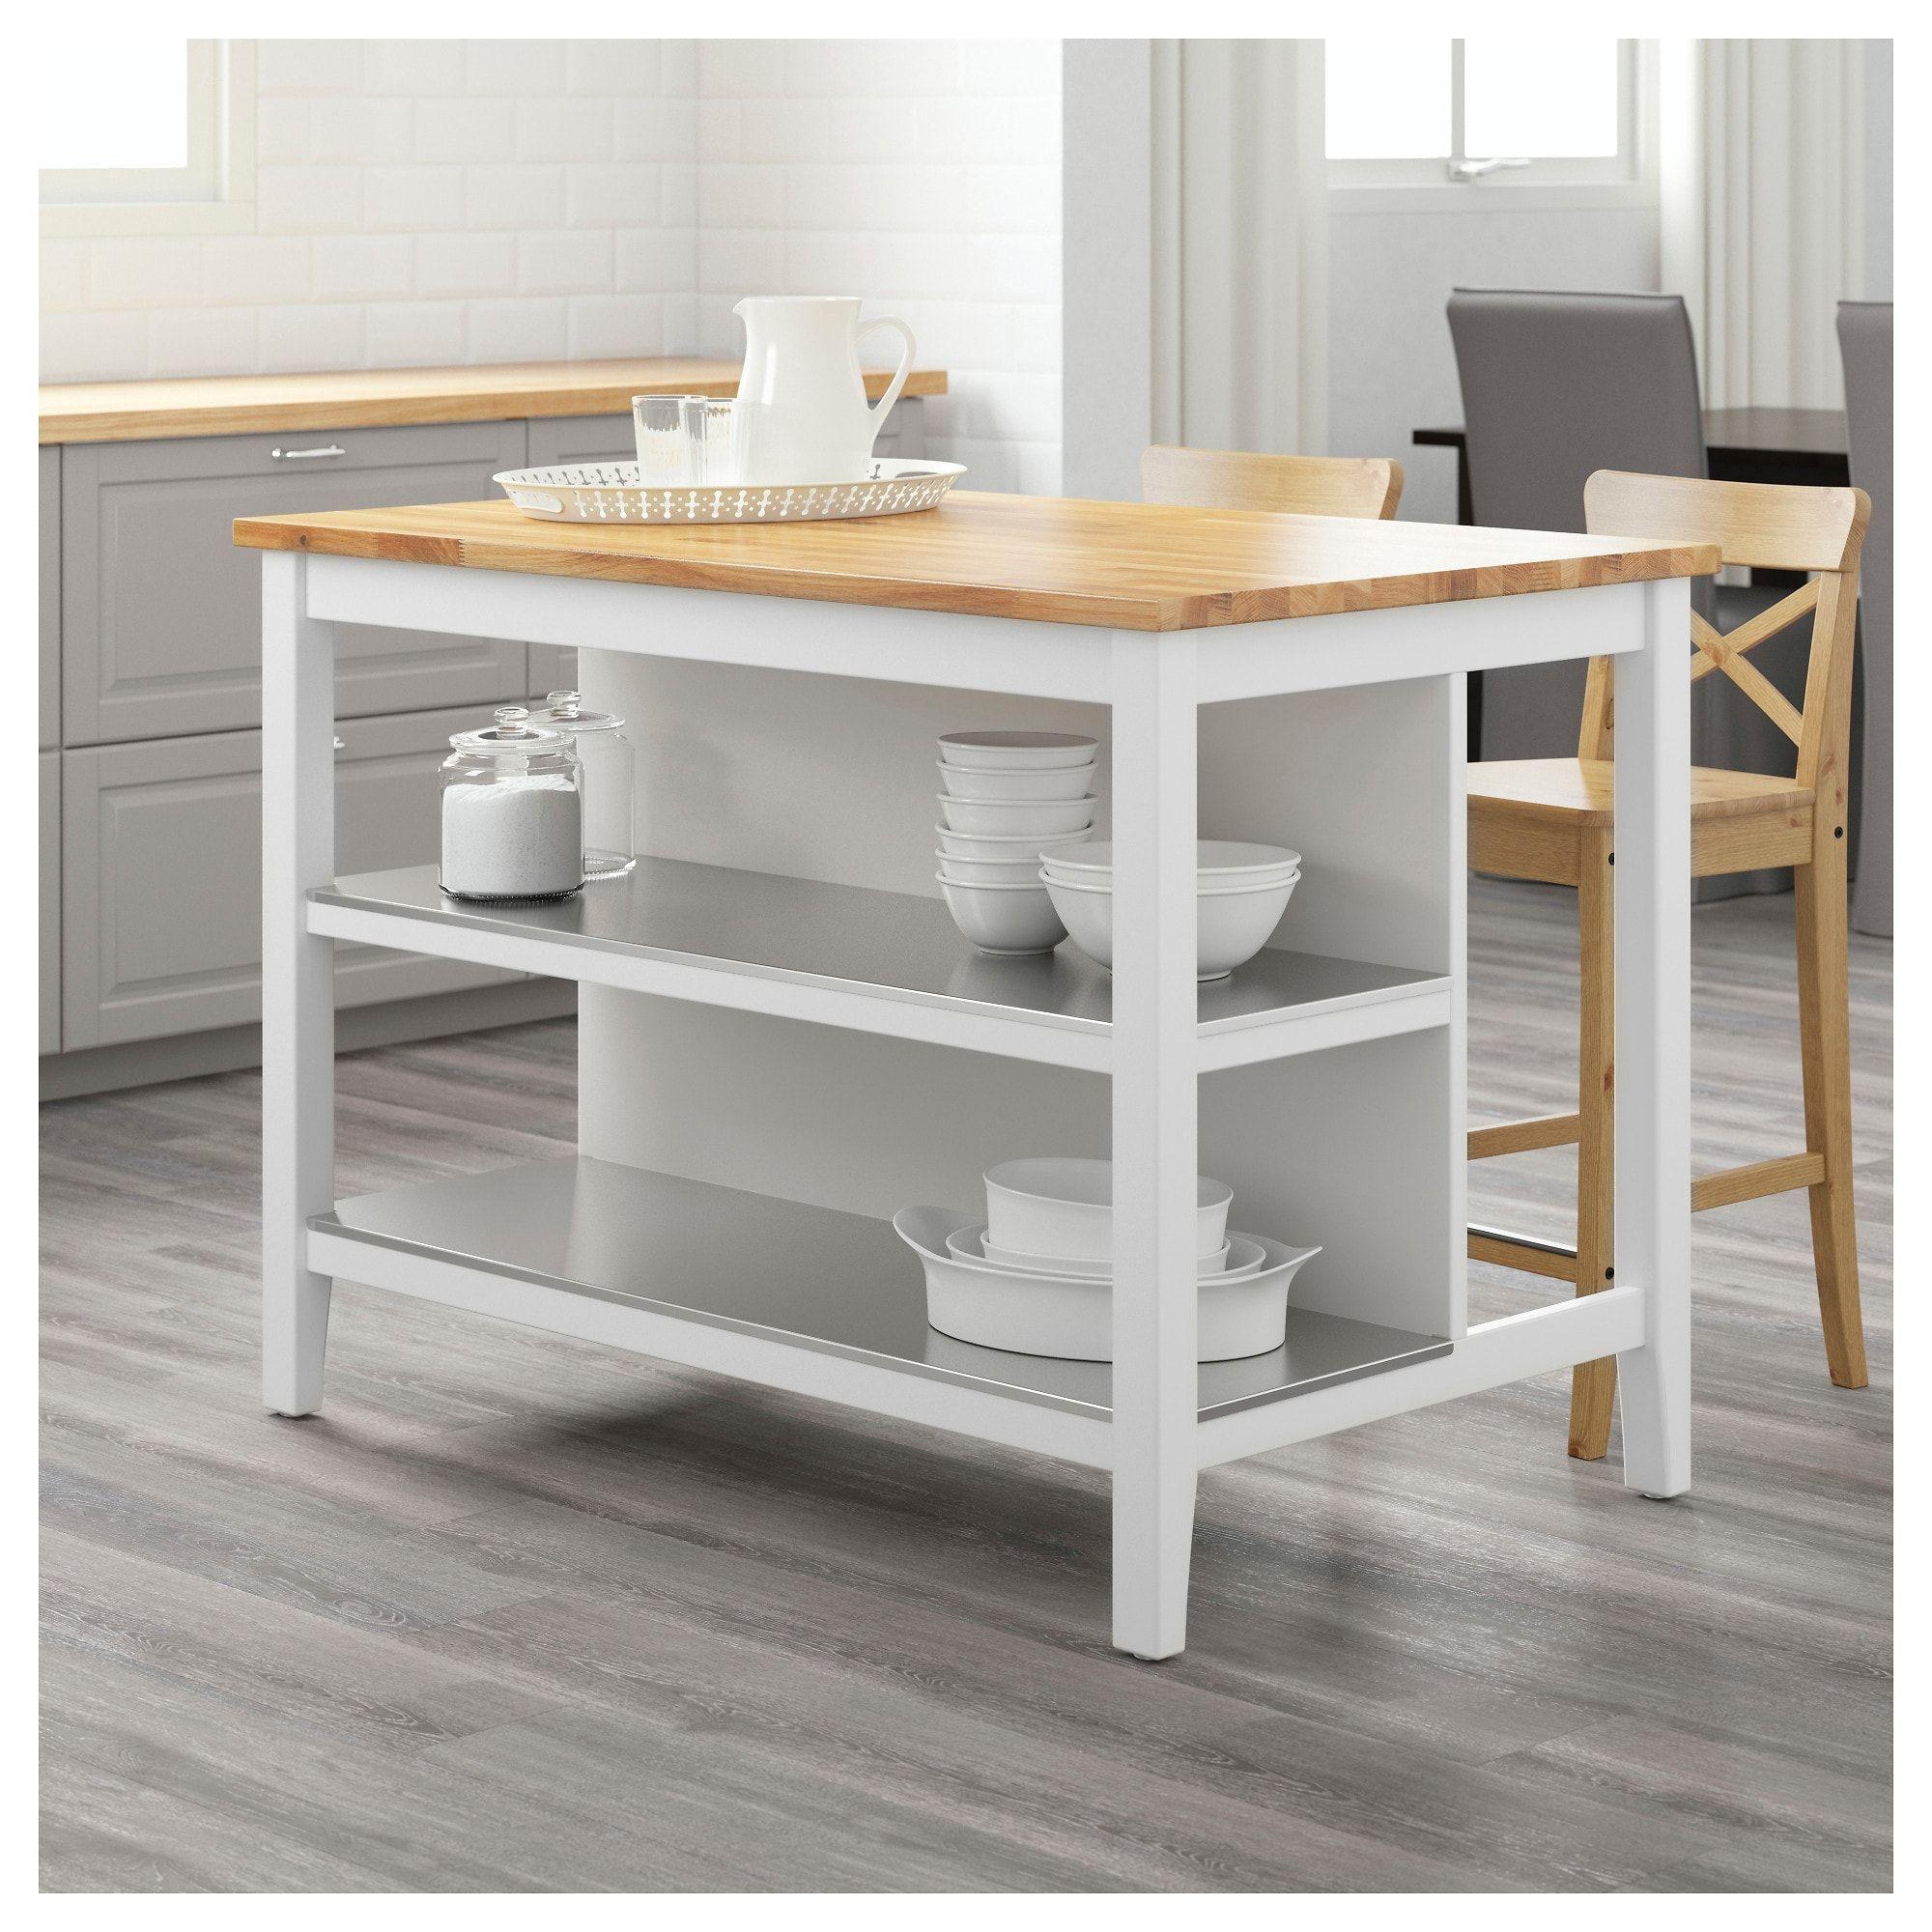 IKEA Kitchen Islands  Visual Hunt